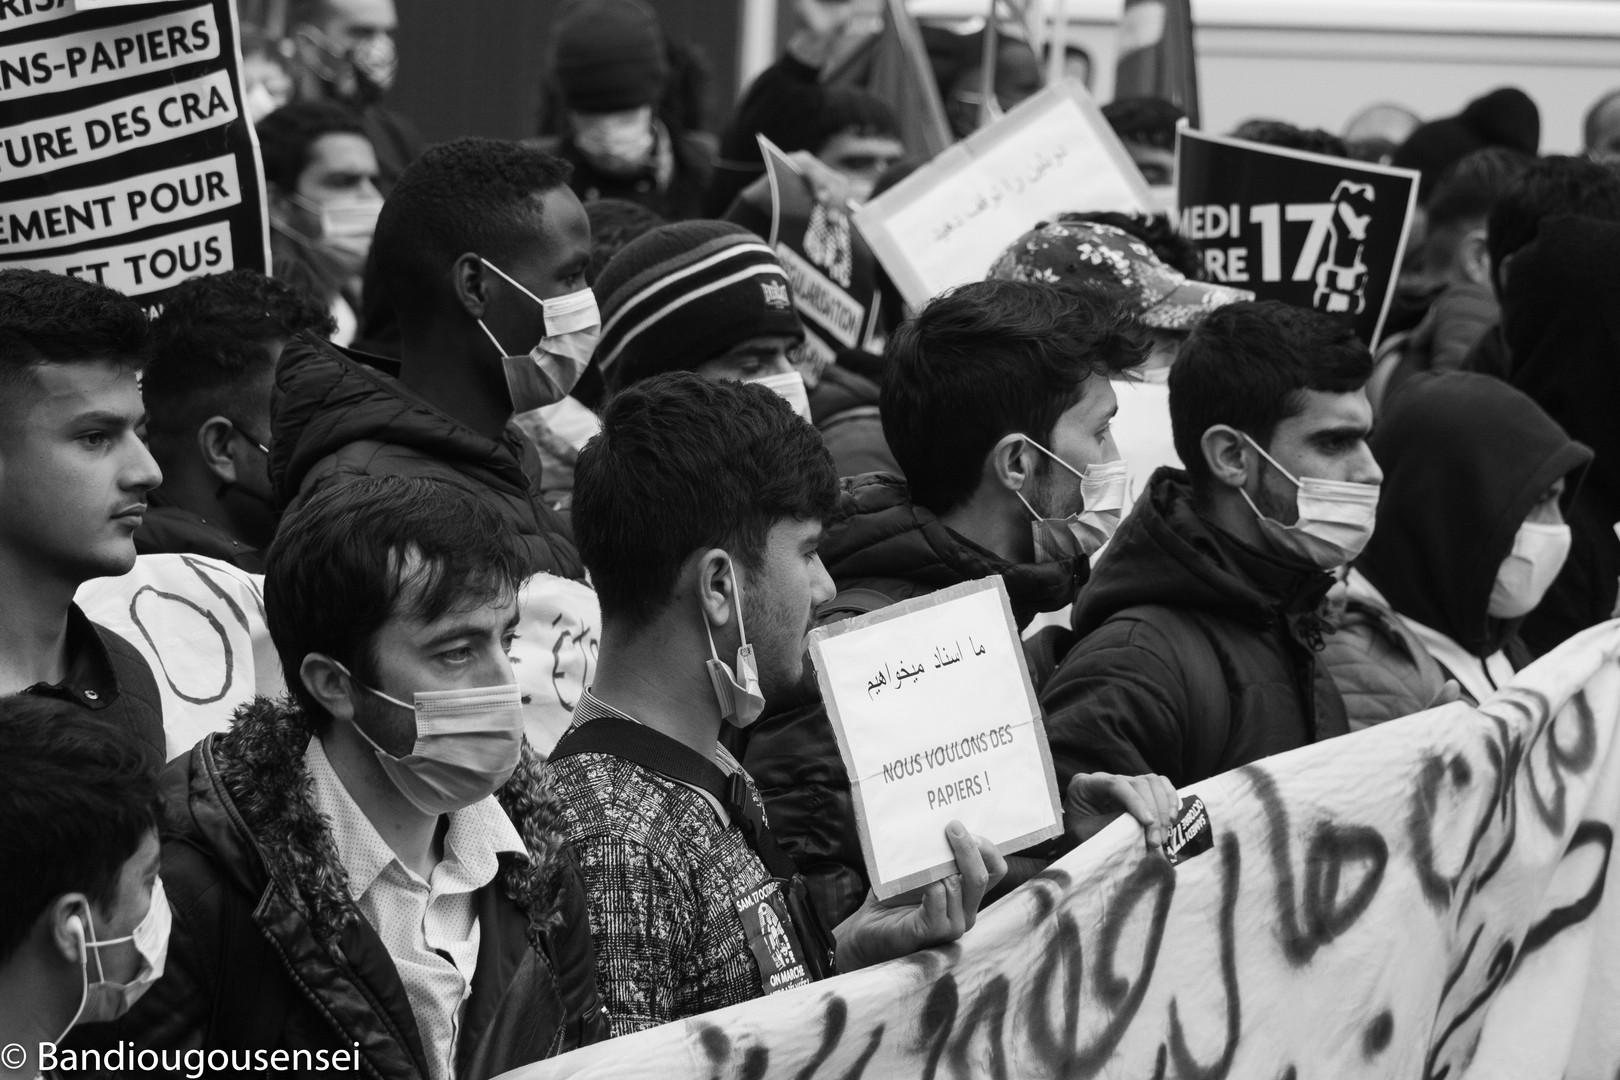 Marche national sans-papier_-8.jpg